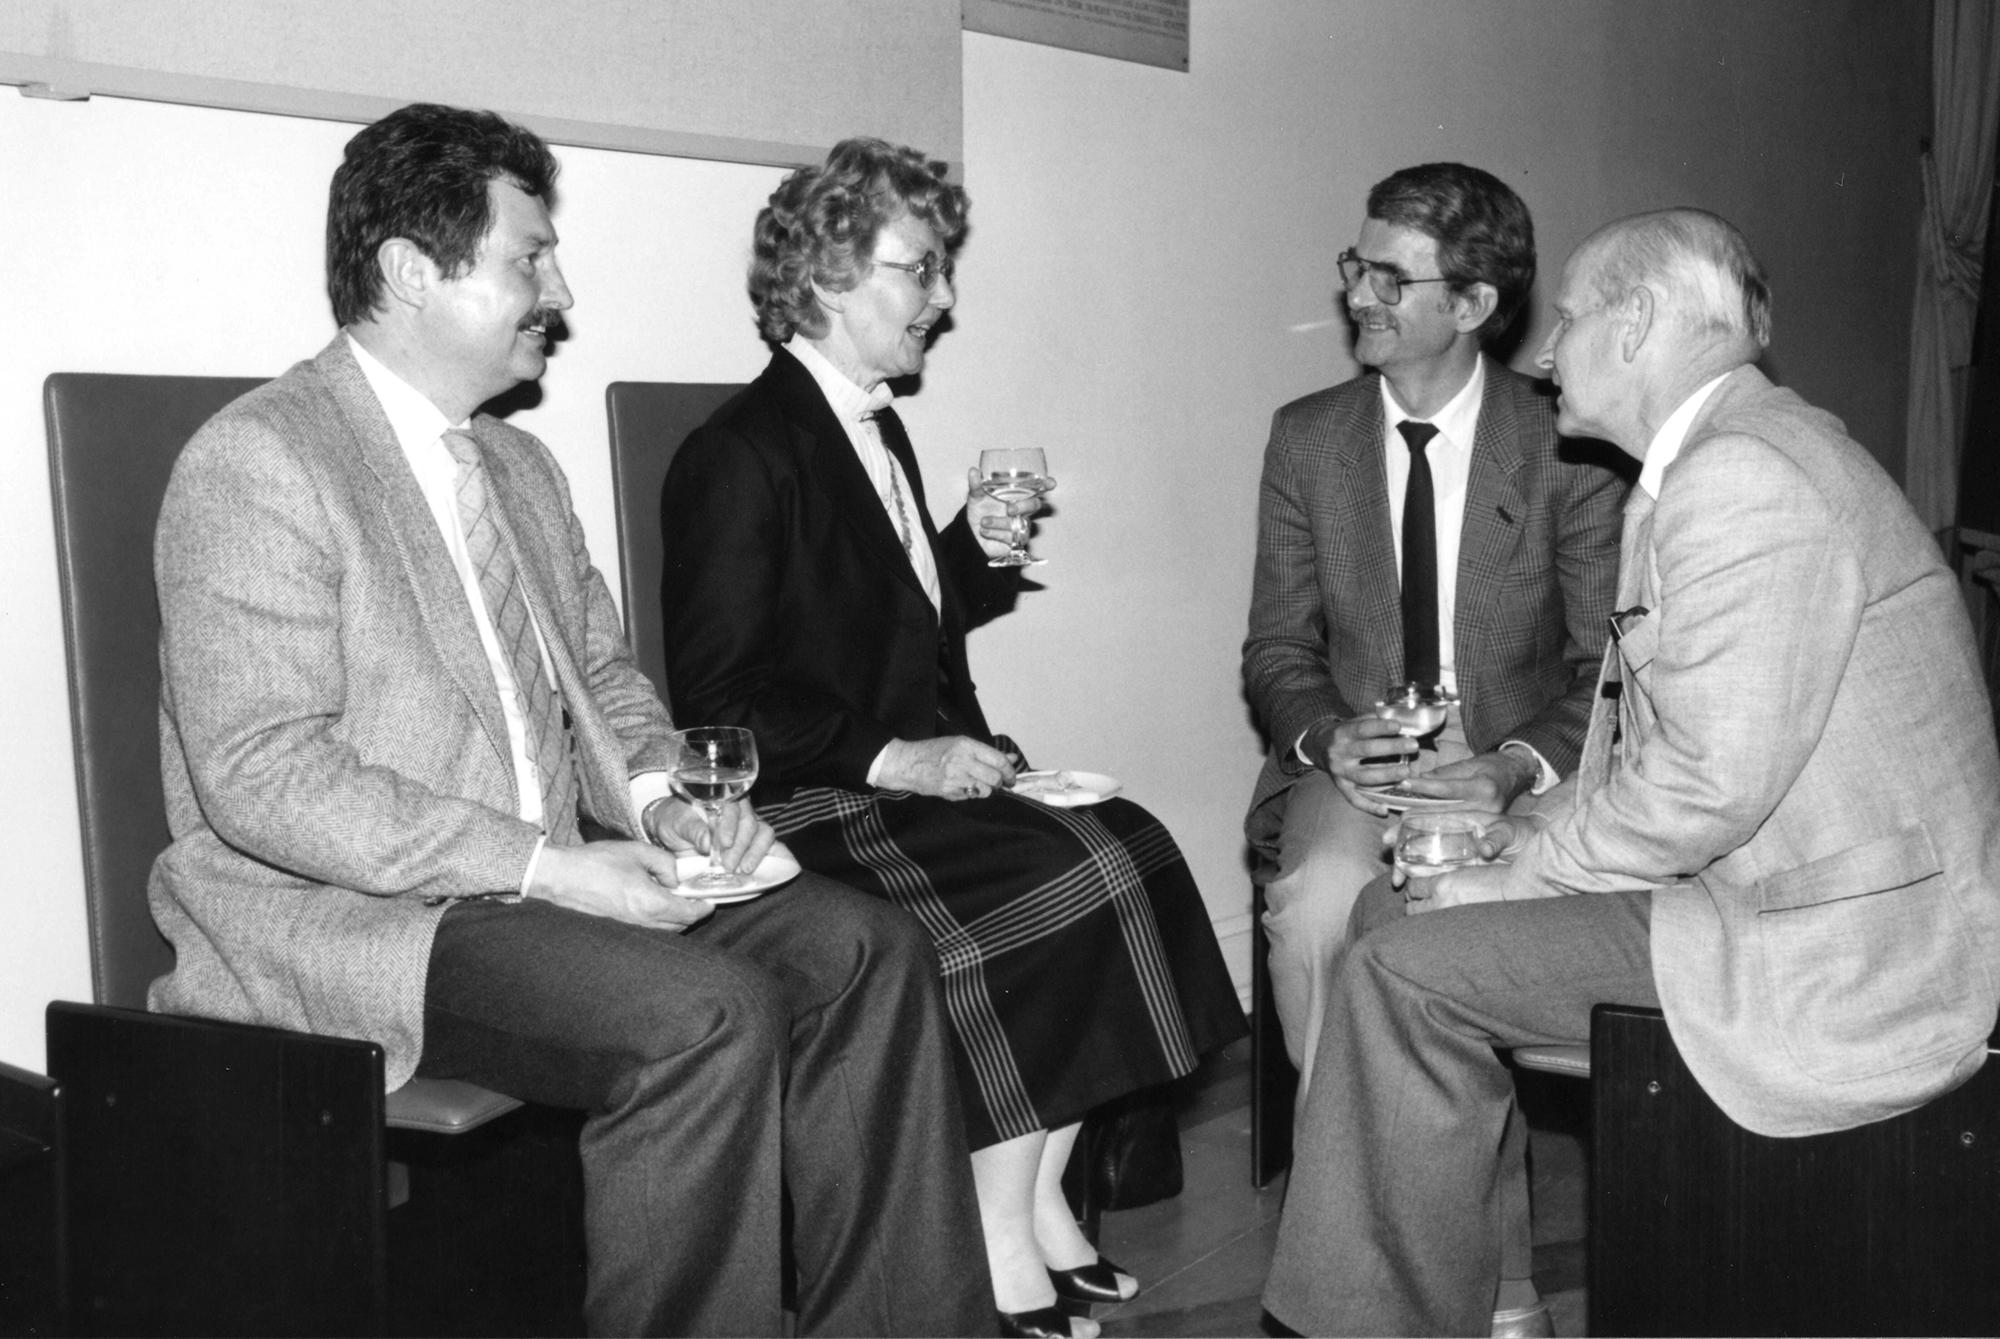 Marianne Englert 1984 in Frankfurt (Schmitt Englert Nürnberger Munzinger)